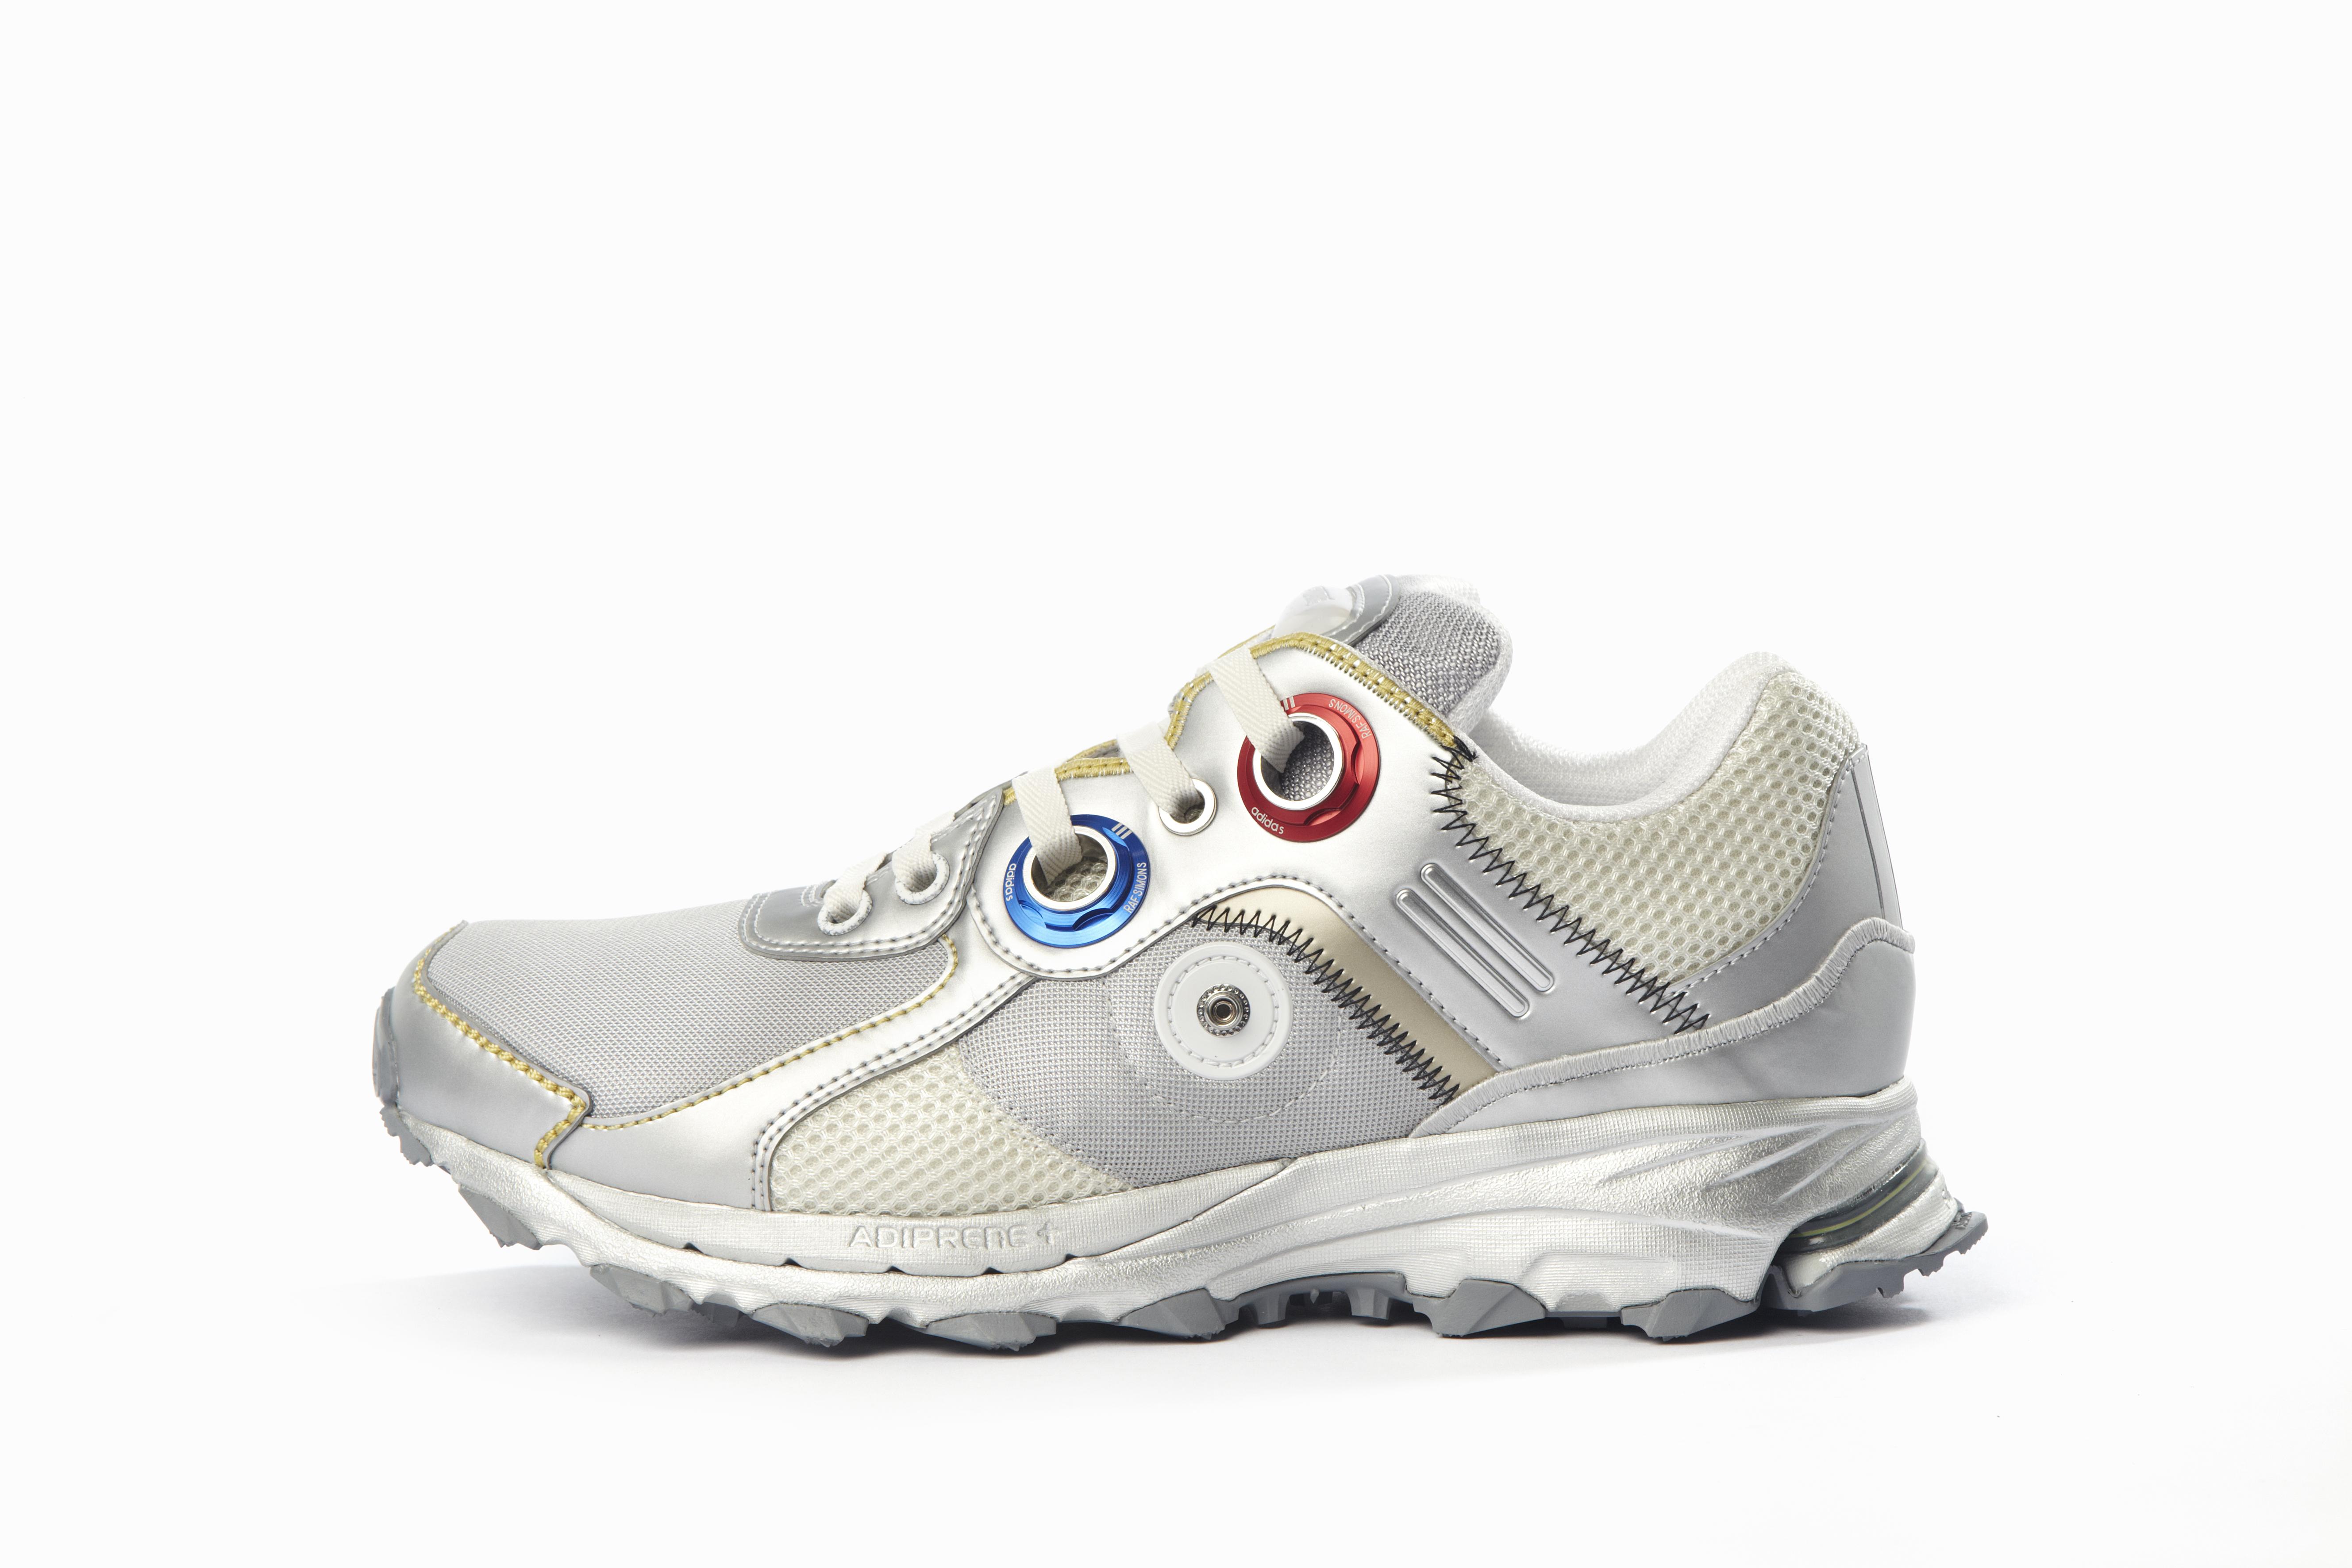 footwearbizcom